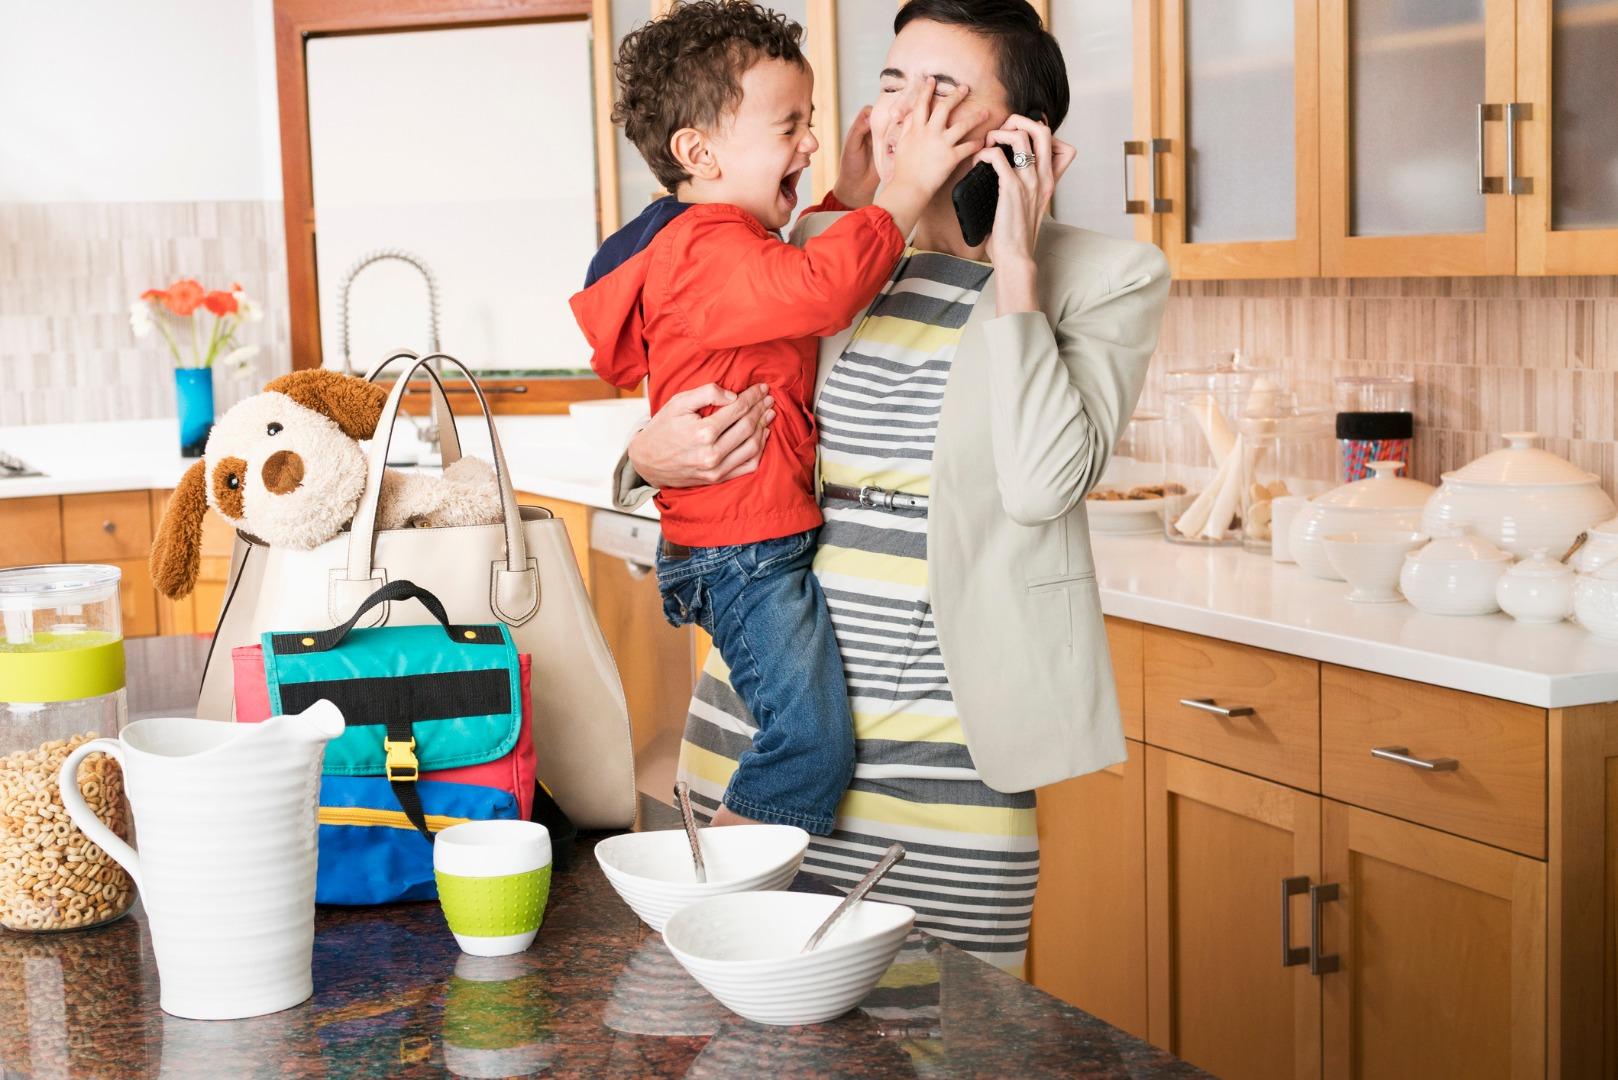 «Ребенок не дает говорить по телефону»